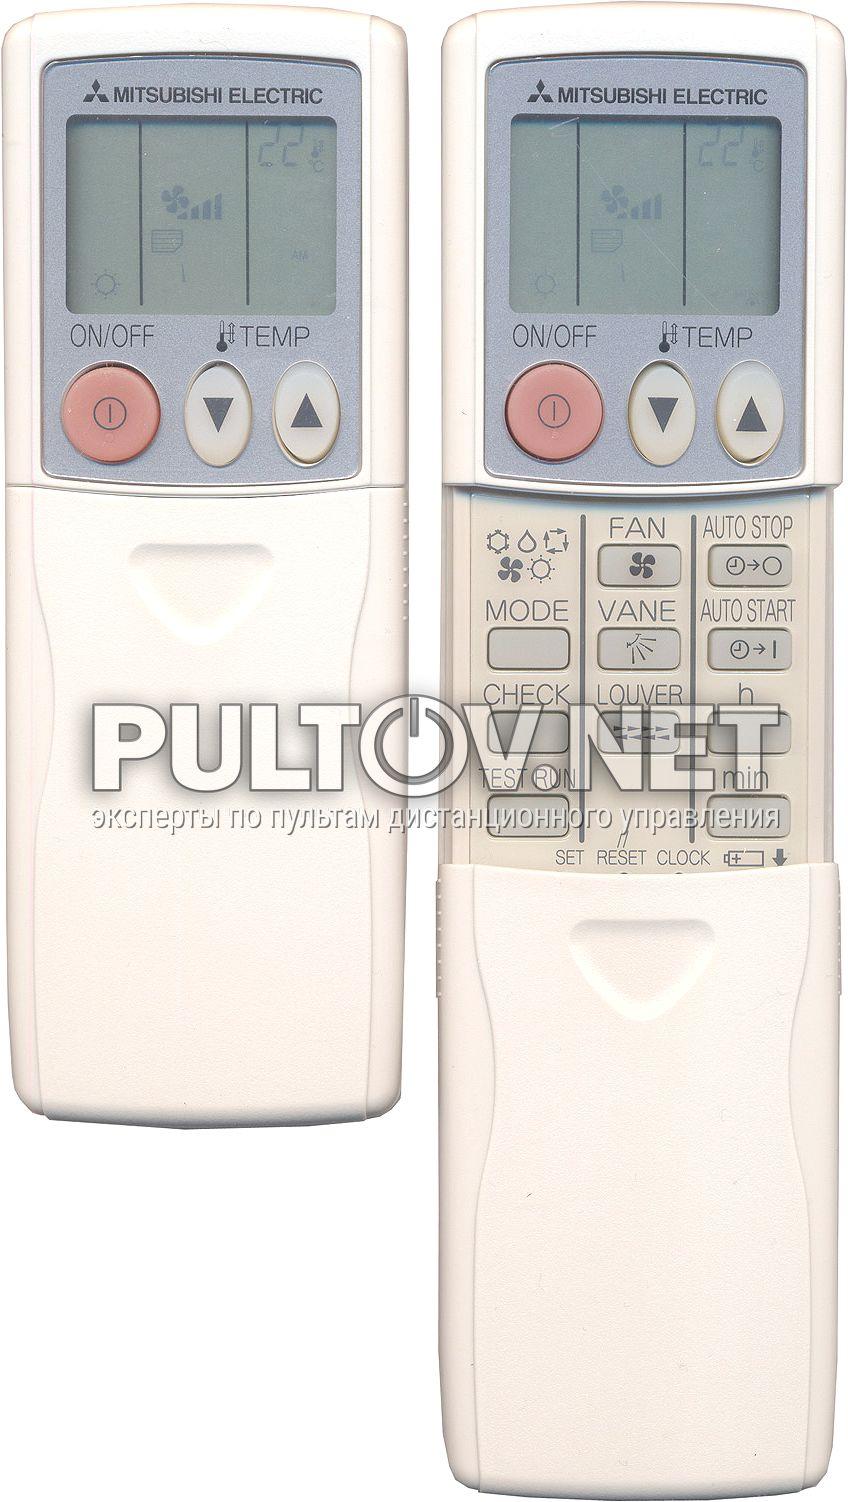 пульт для кондиционера mitsubishi rkw502a200a инструкция